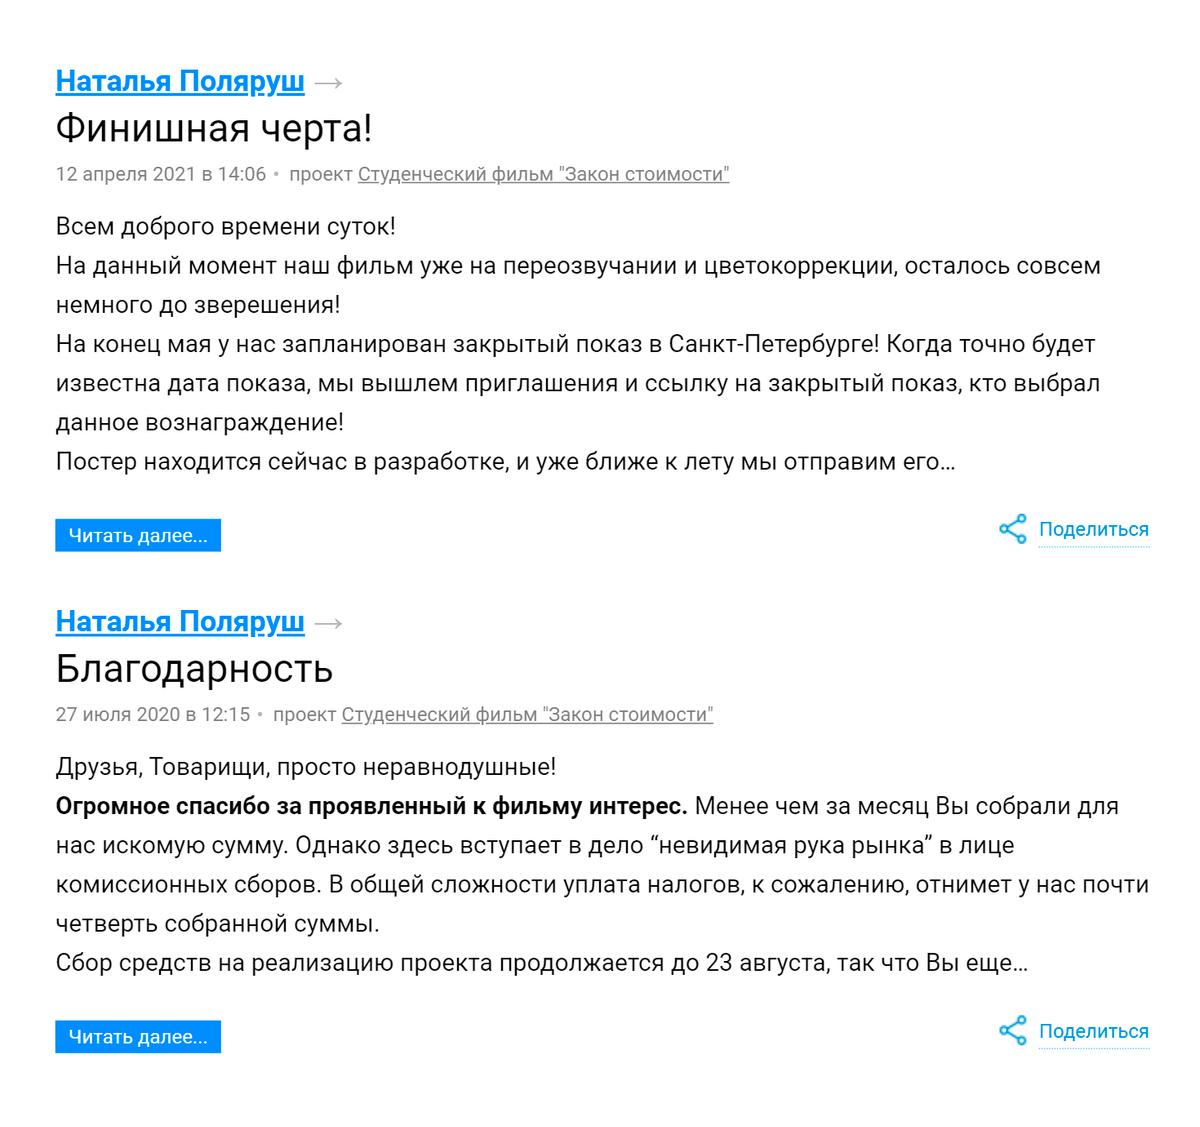 В комментариях продюсер фильма писала информацию о ходе проекта. Источник: planeta.ru